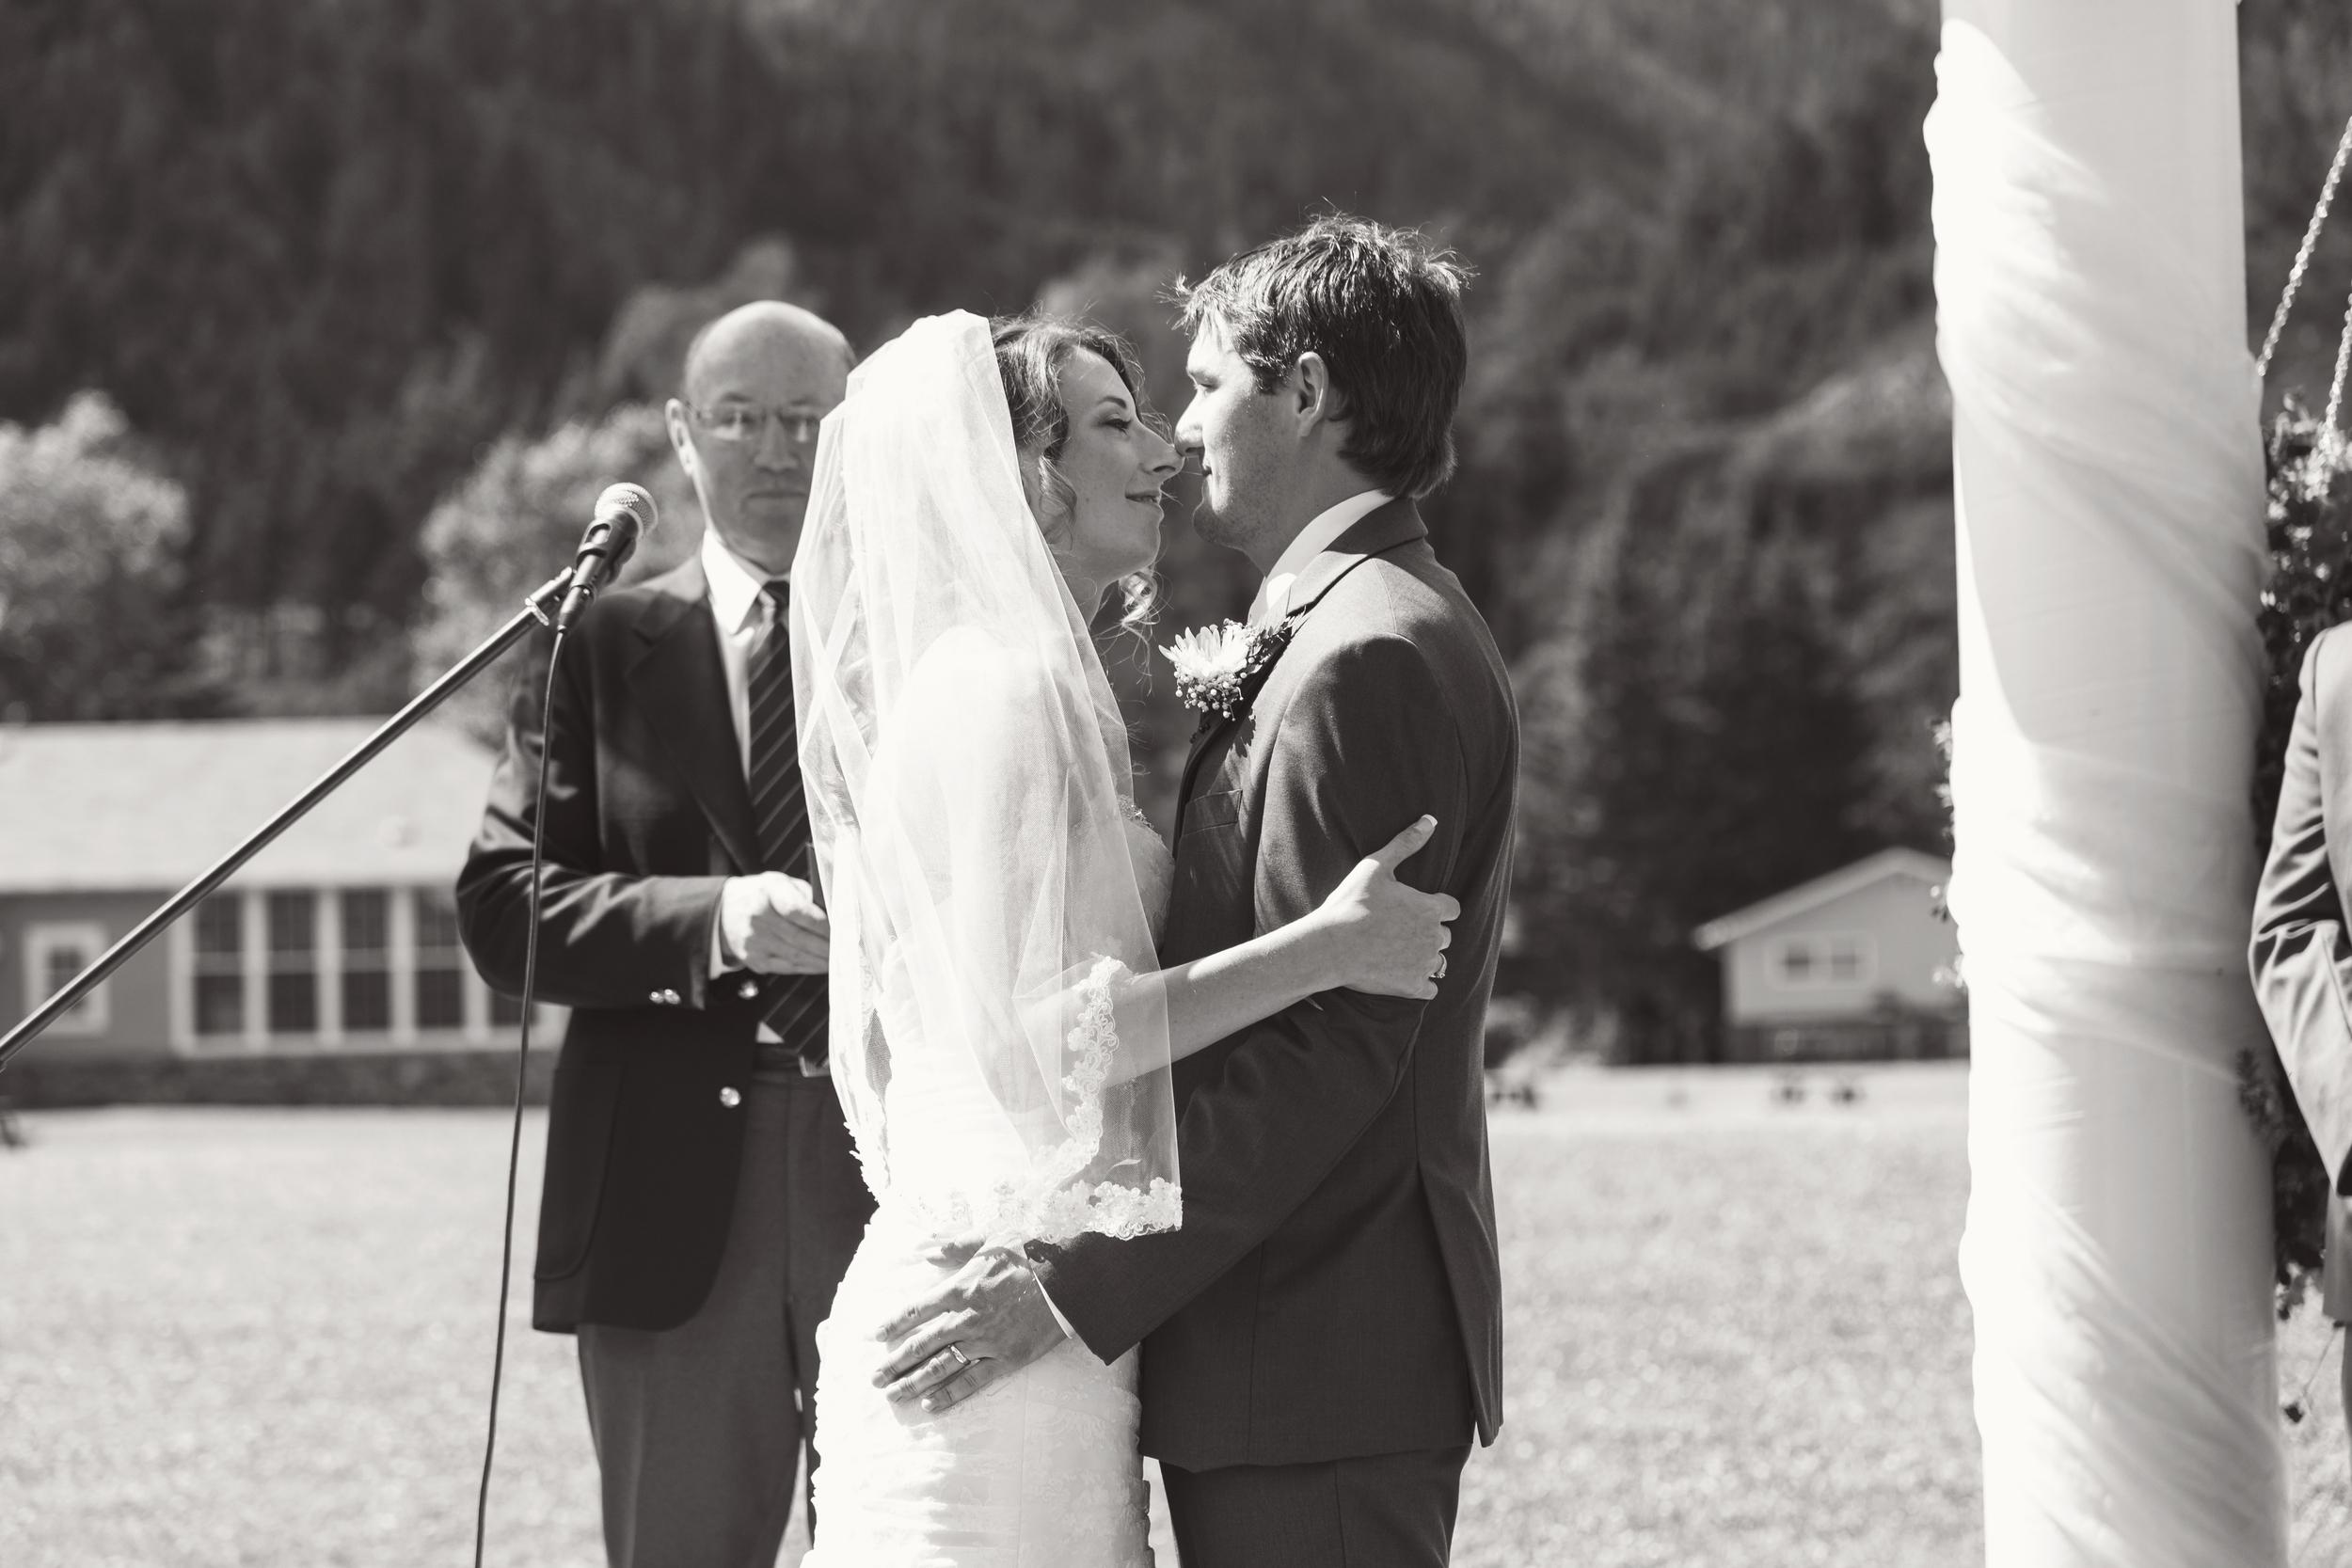 TJ_Wedding_212_bw.jpg